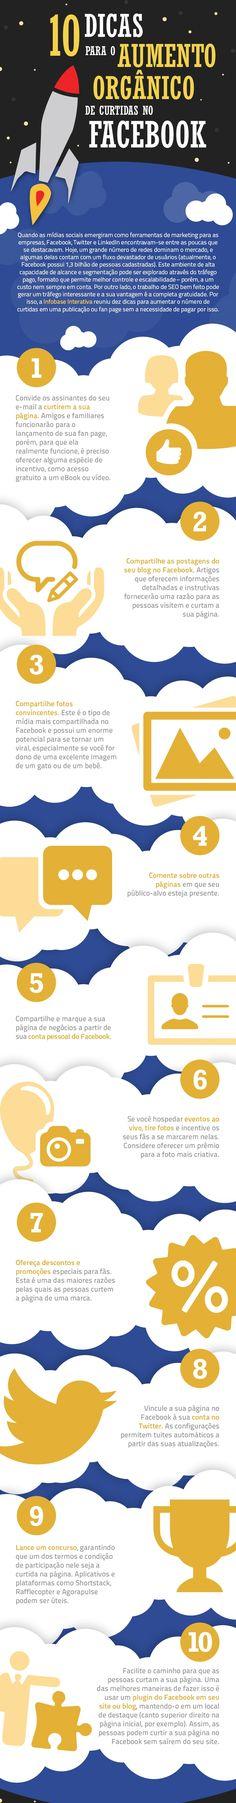 10 dicas para aumentar o alcance orgânico das marcas no Facebook